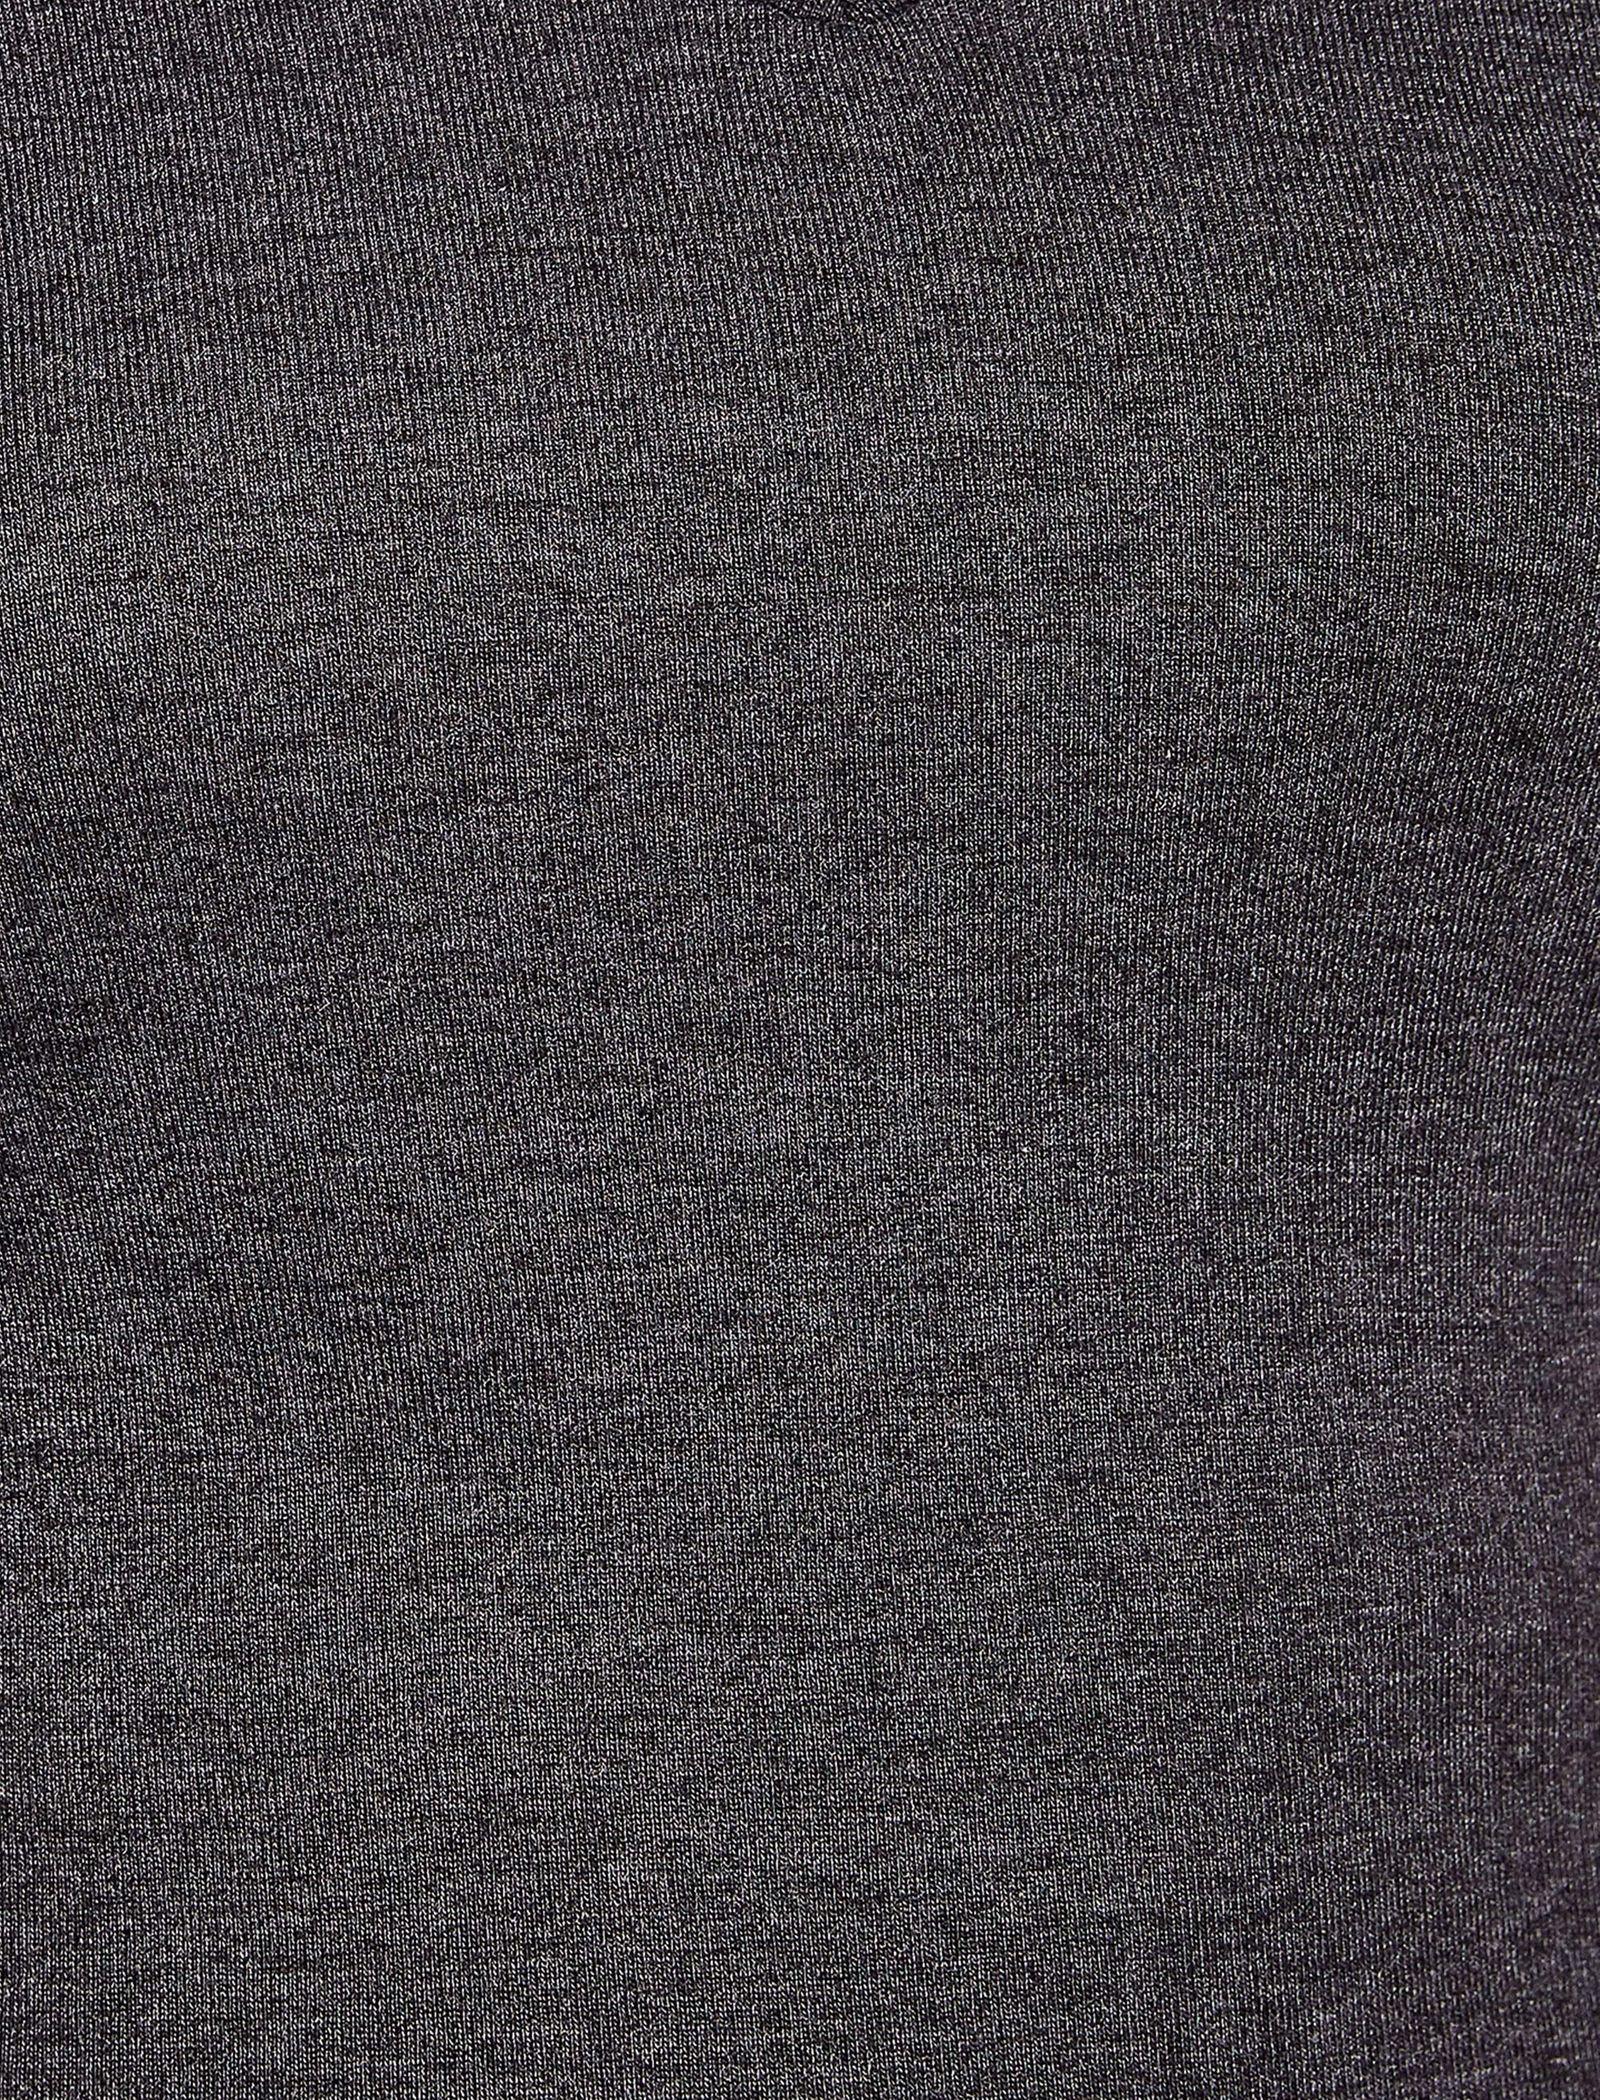 تی شرت نخی یقه هفت زنانه - کوتون - زغالي - 4